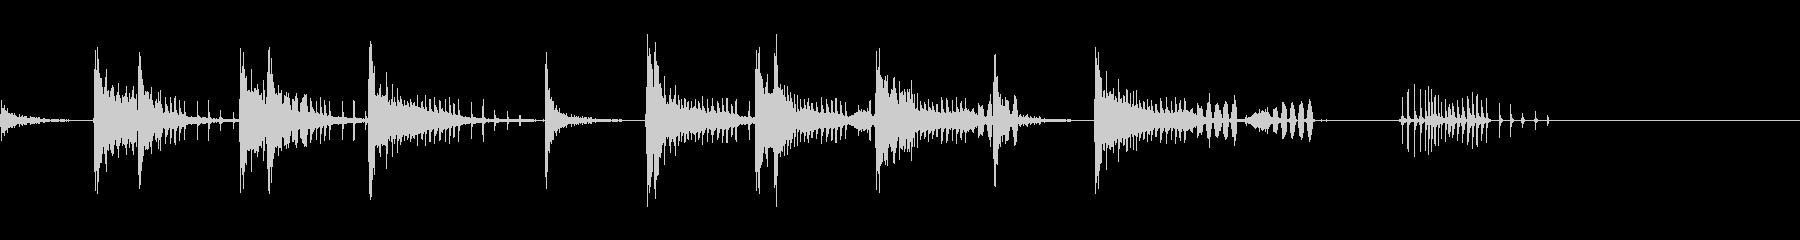 とんとん(派手な建設中の音)B21の未再生の波形